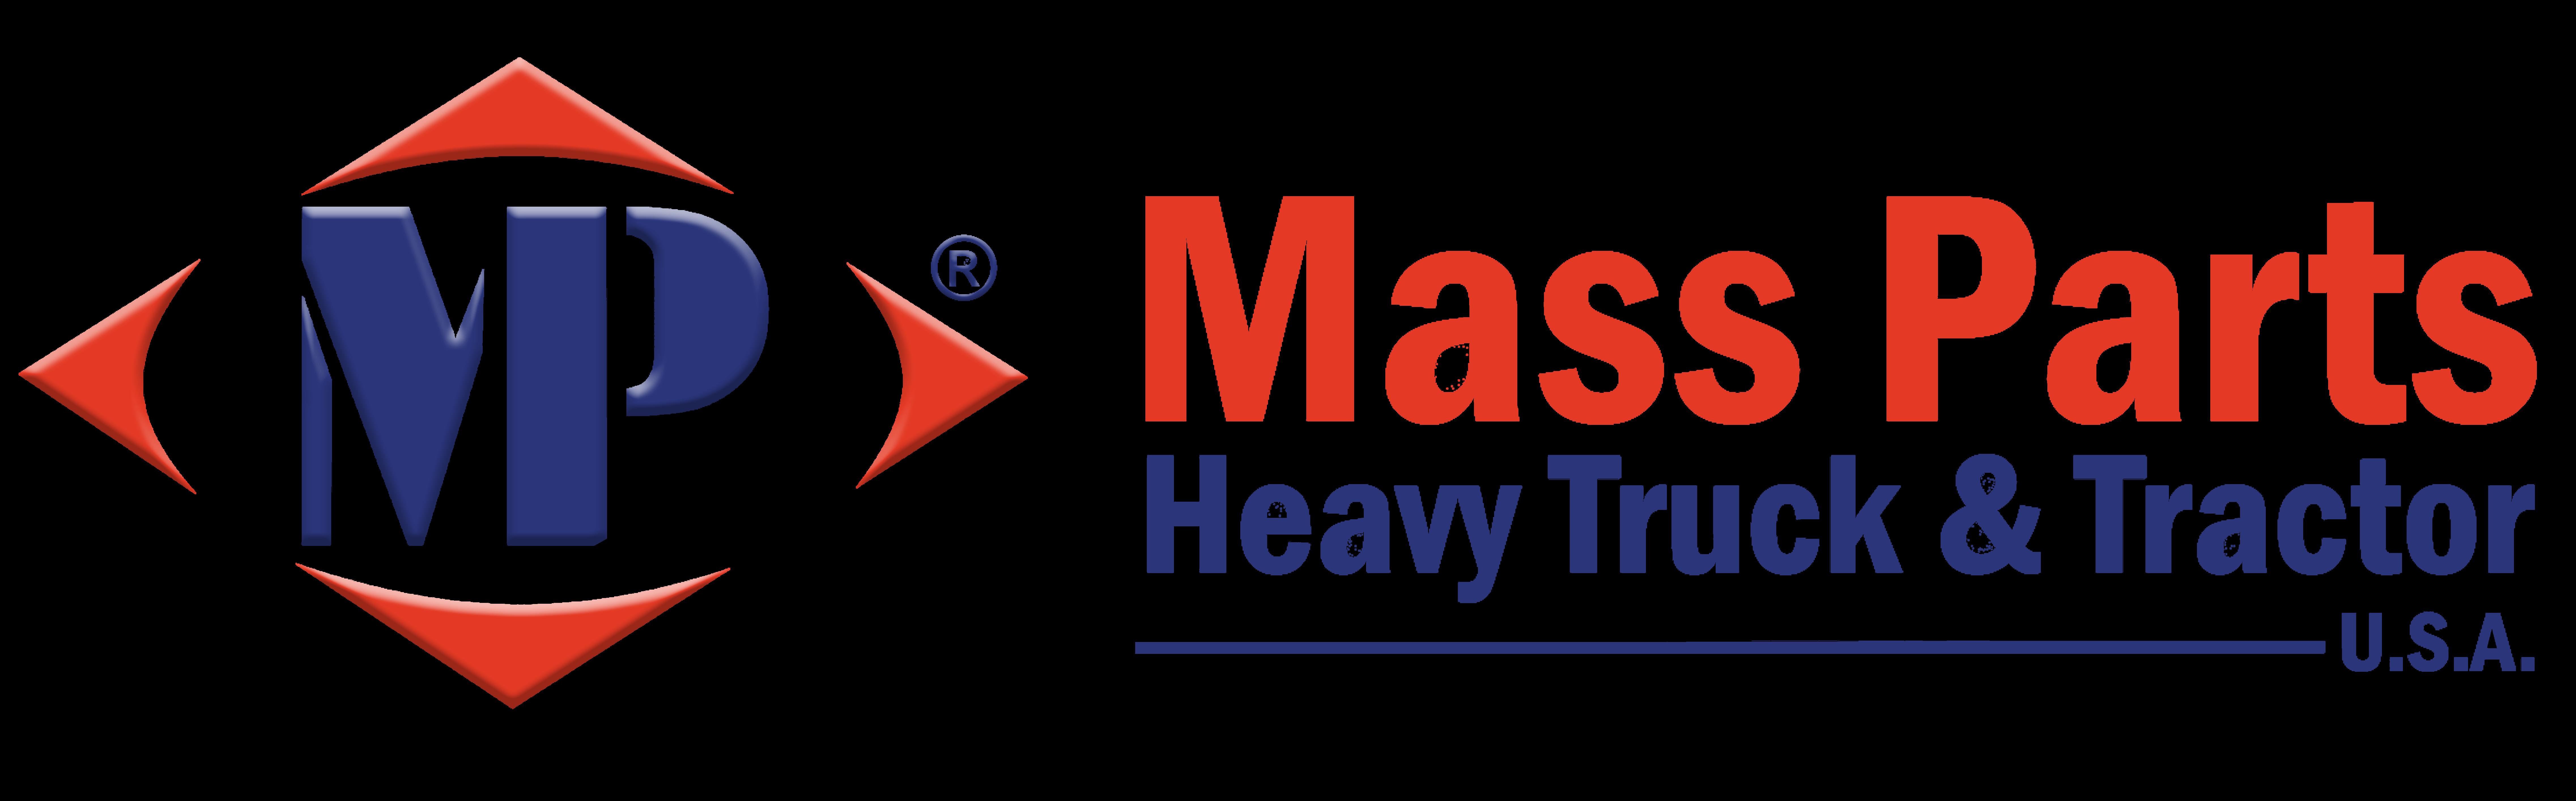 Mass Parts USA Shop